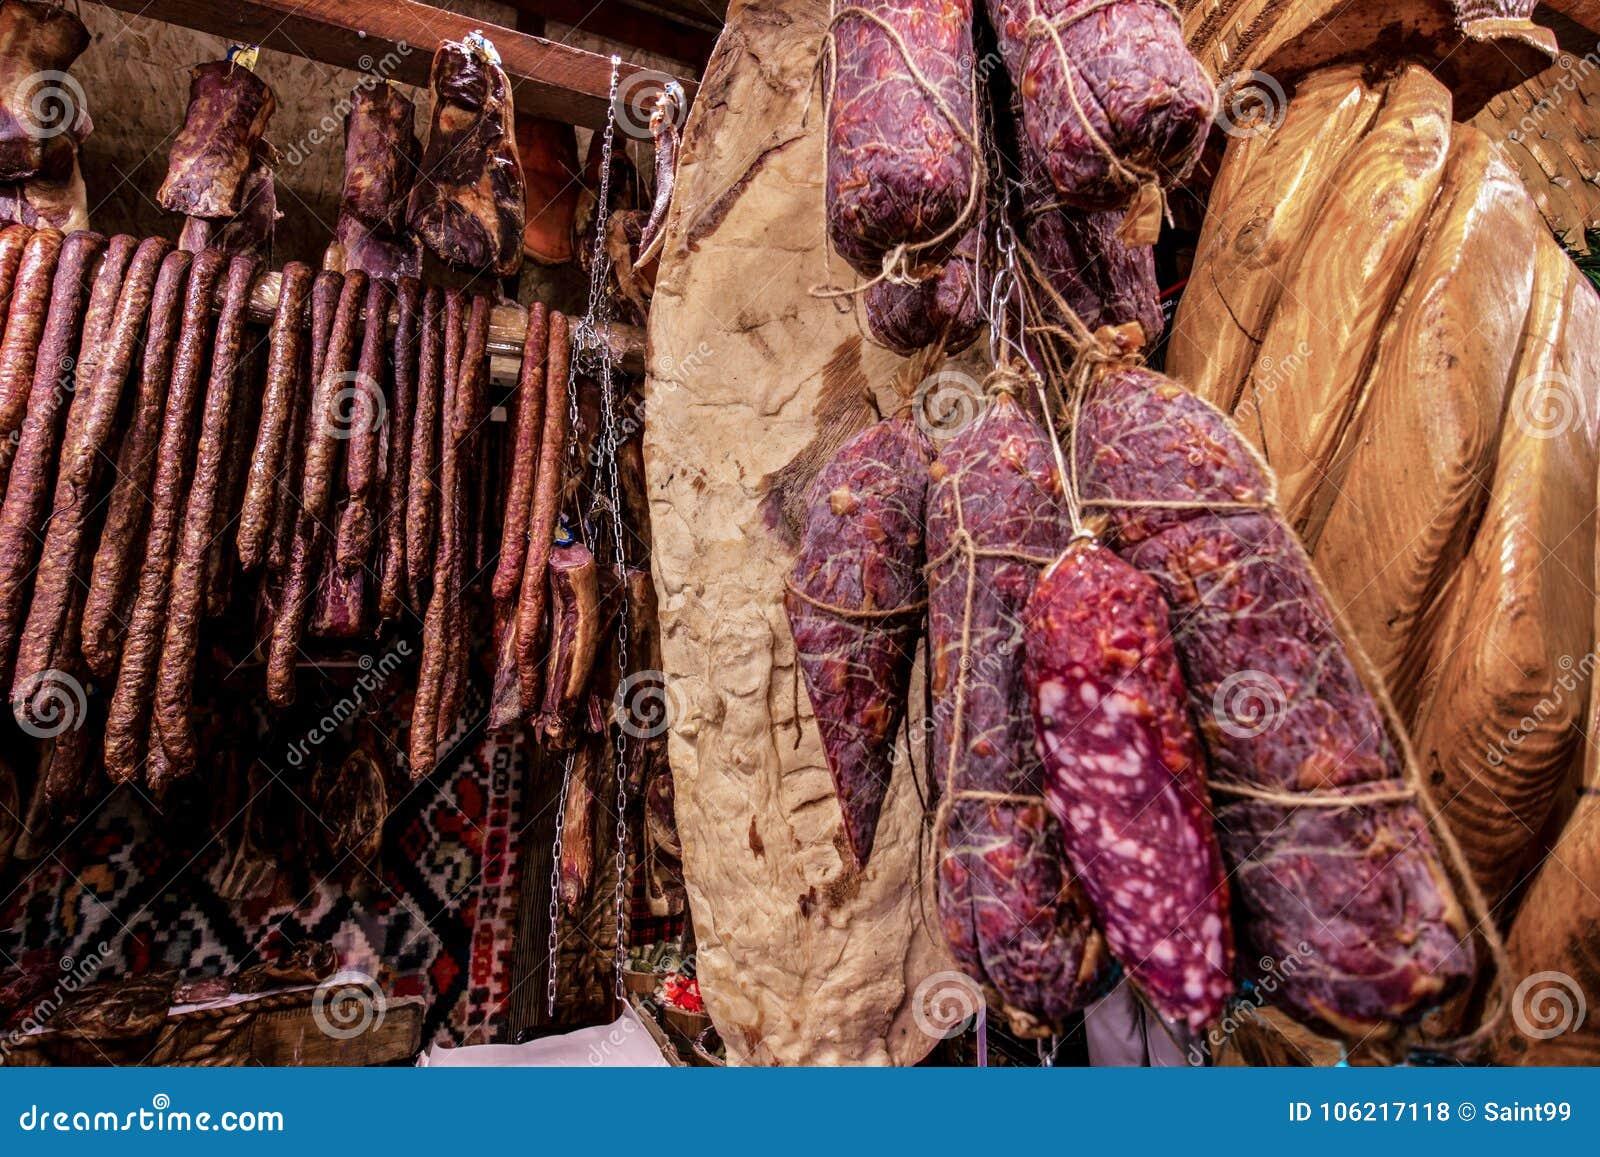 熏制的香肠和蒜味咸腊肠蒂米什瓦拉